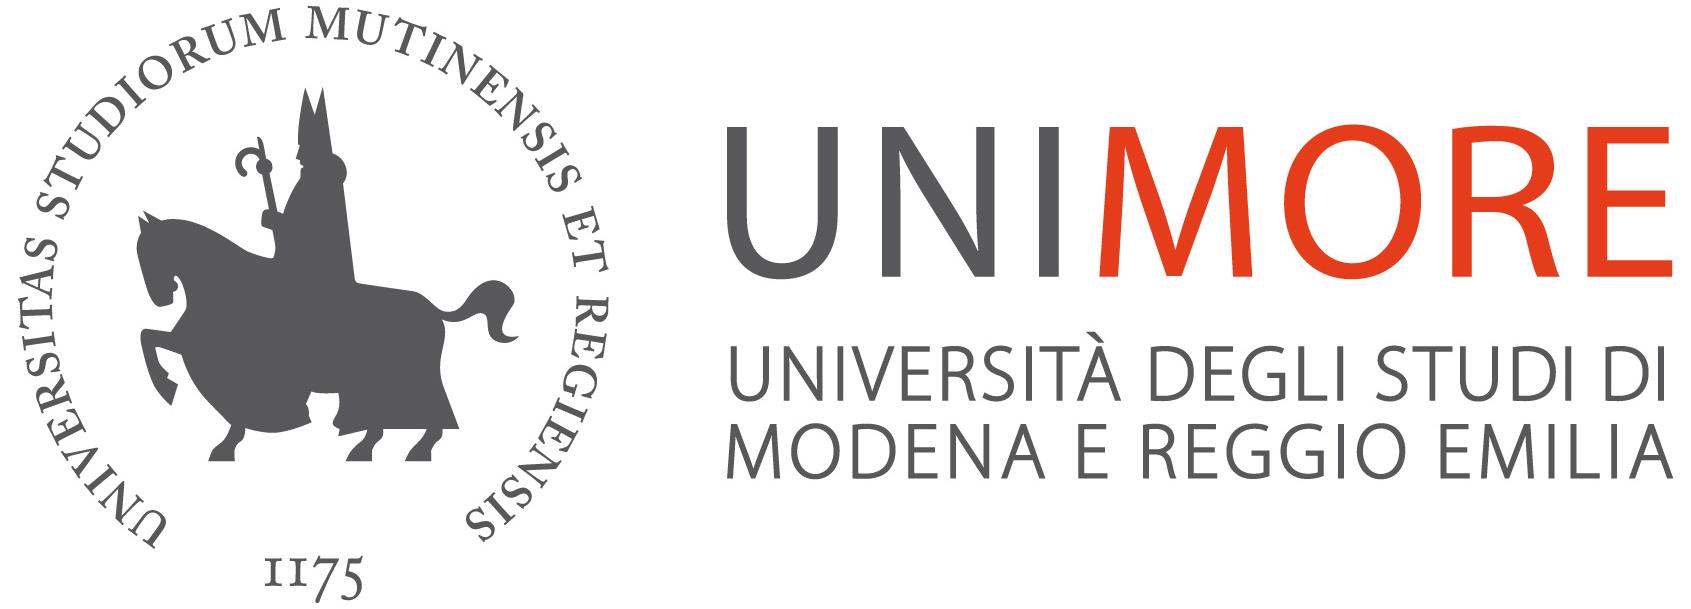 Pallamano Rubiera ambasciatrice del Progetto Unimore Sport Excellence